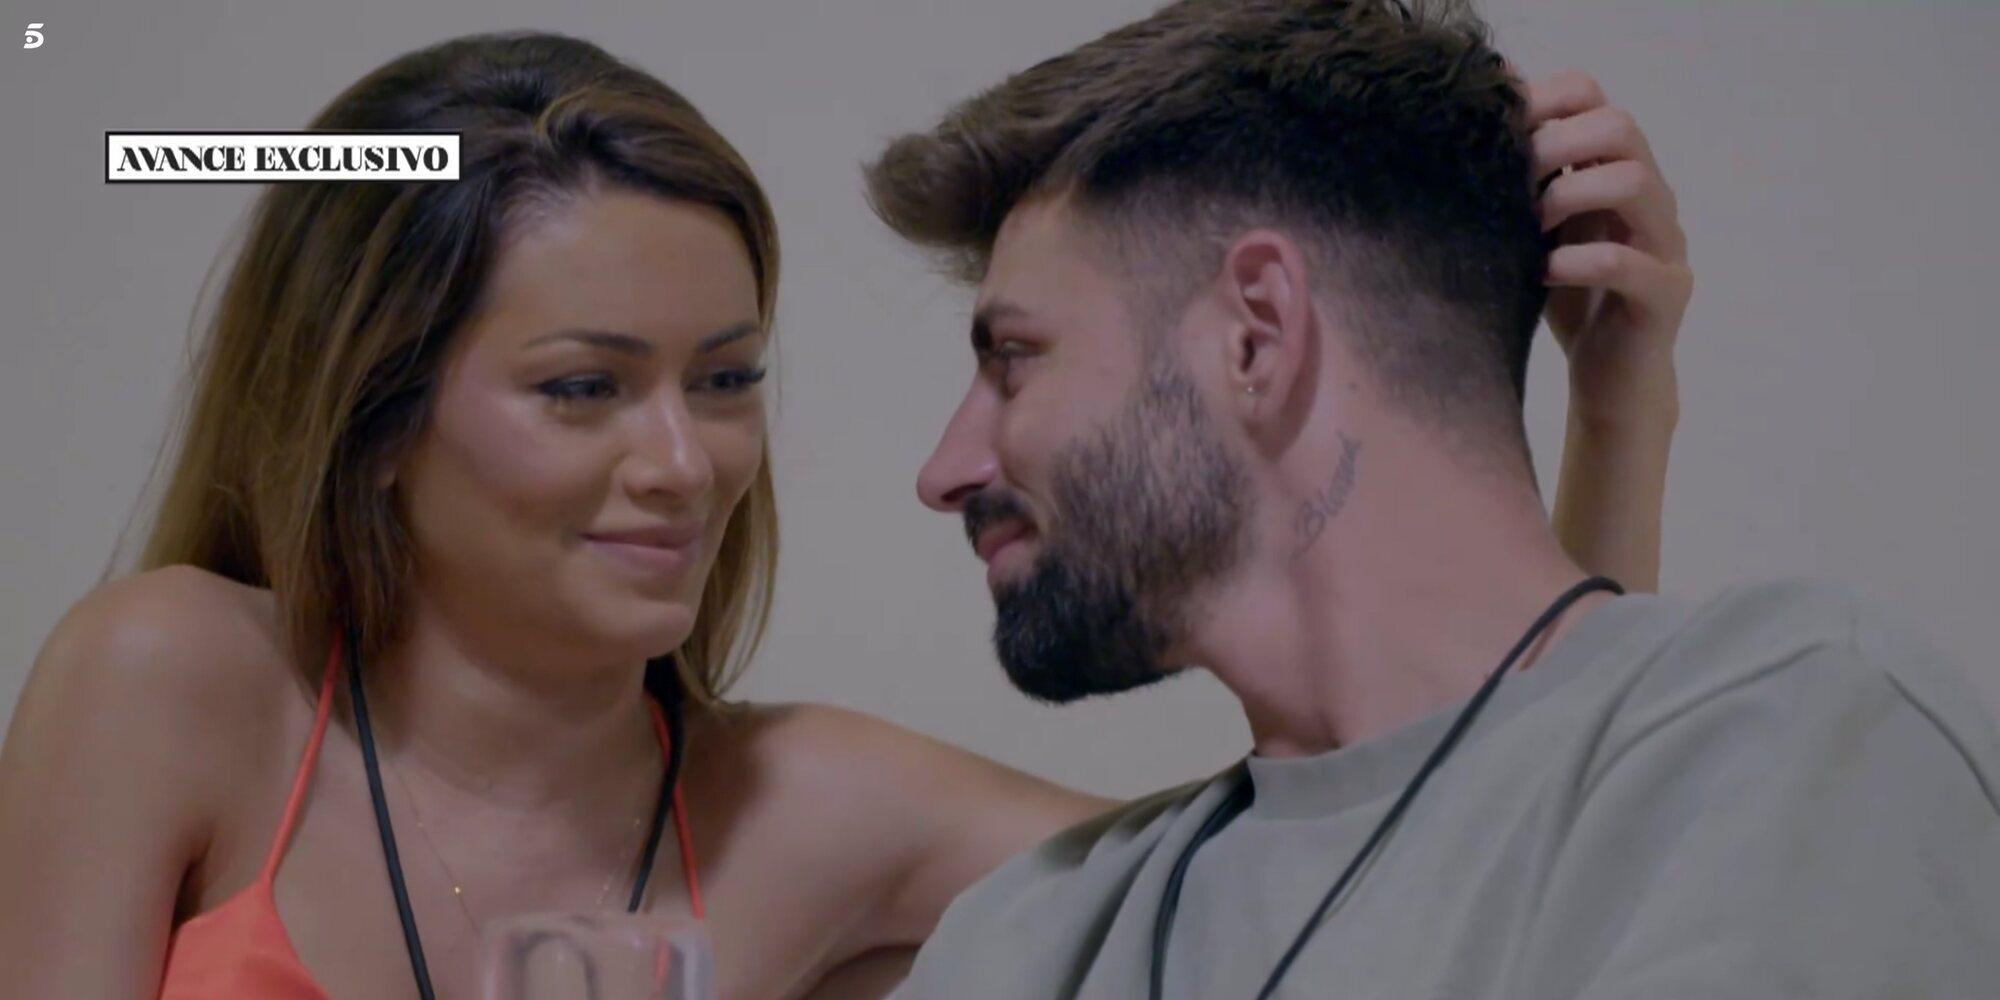 'La última tentación': Isaac traiciona a Lucía al besarse con Bela